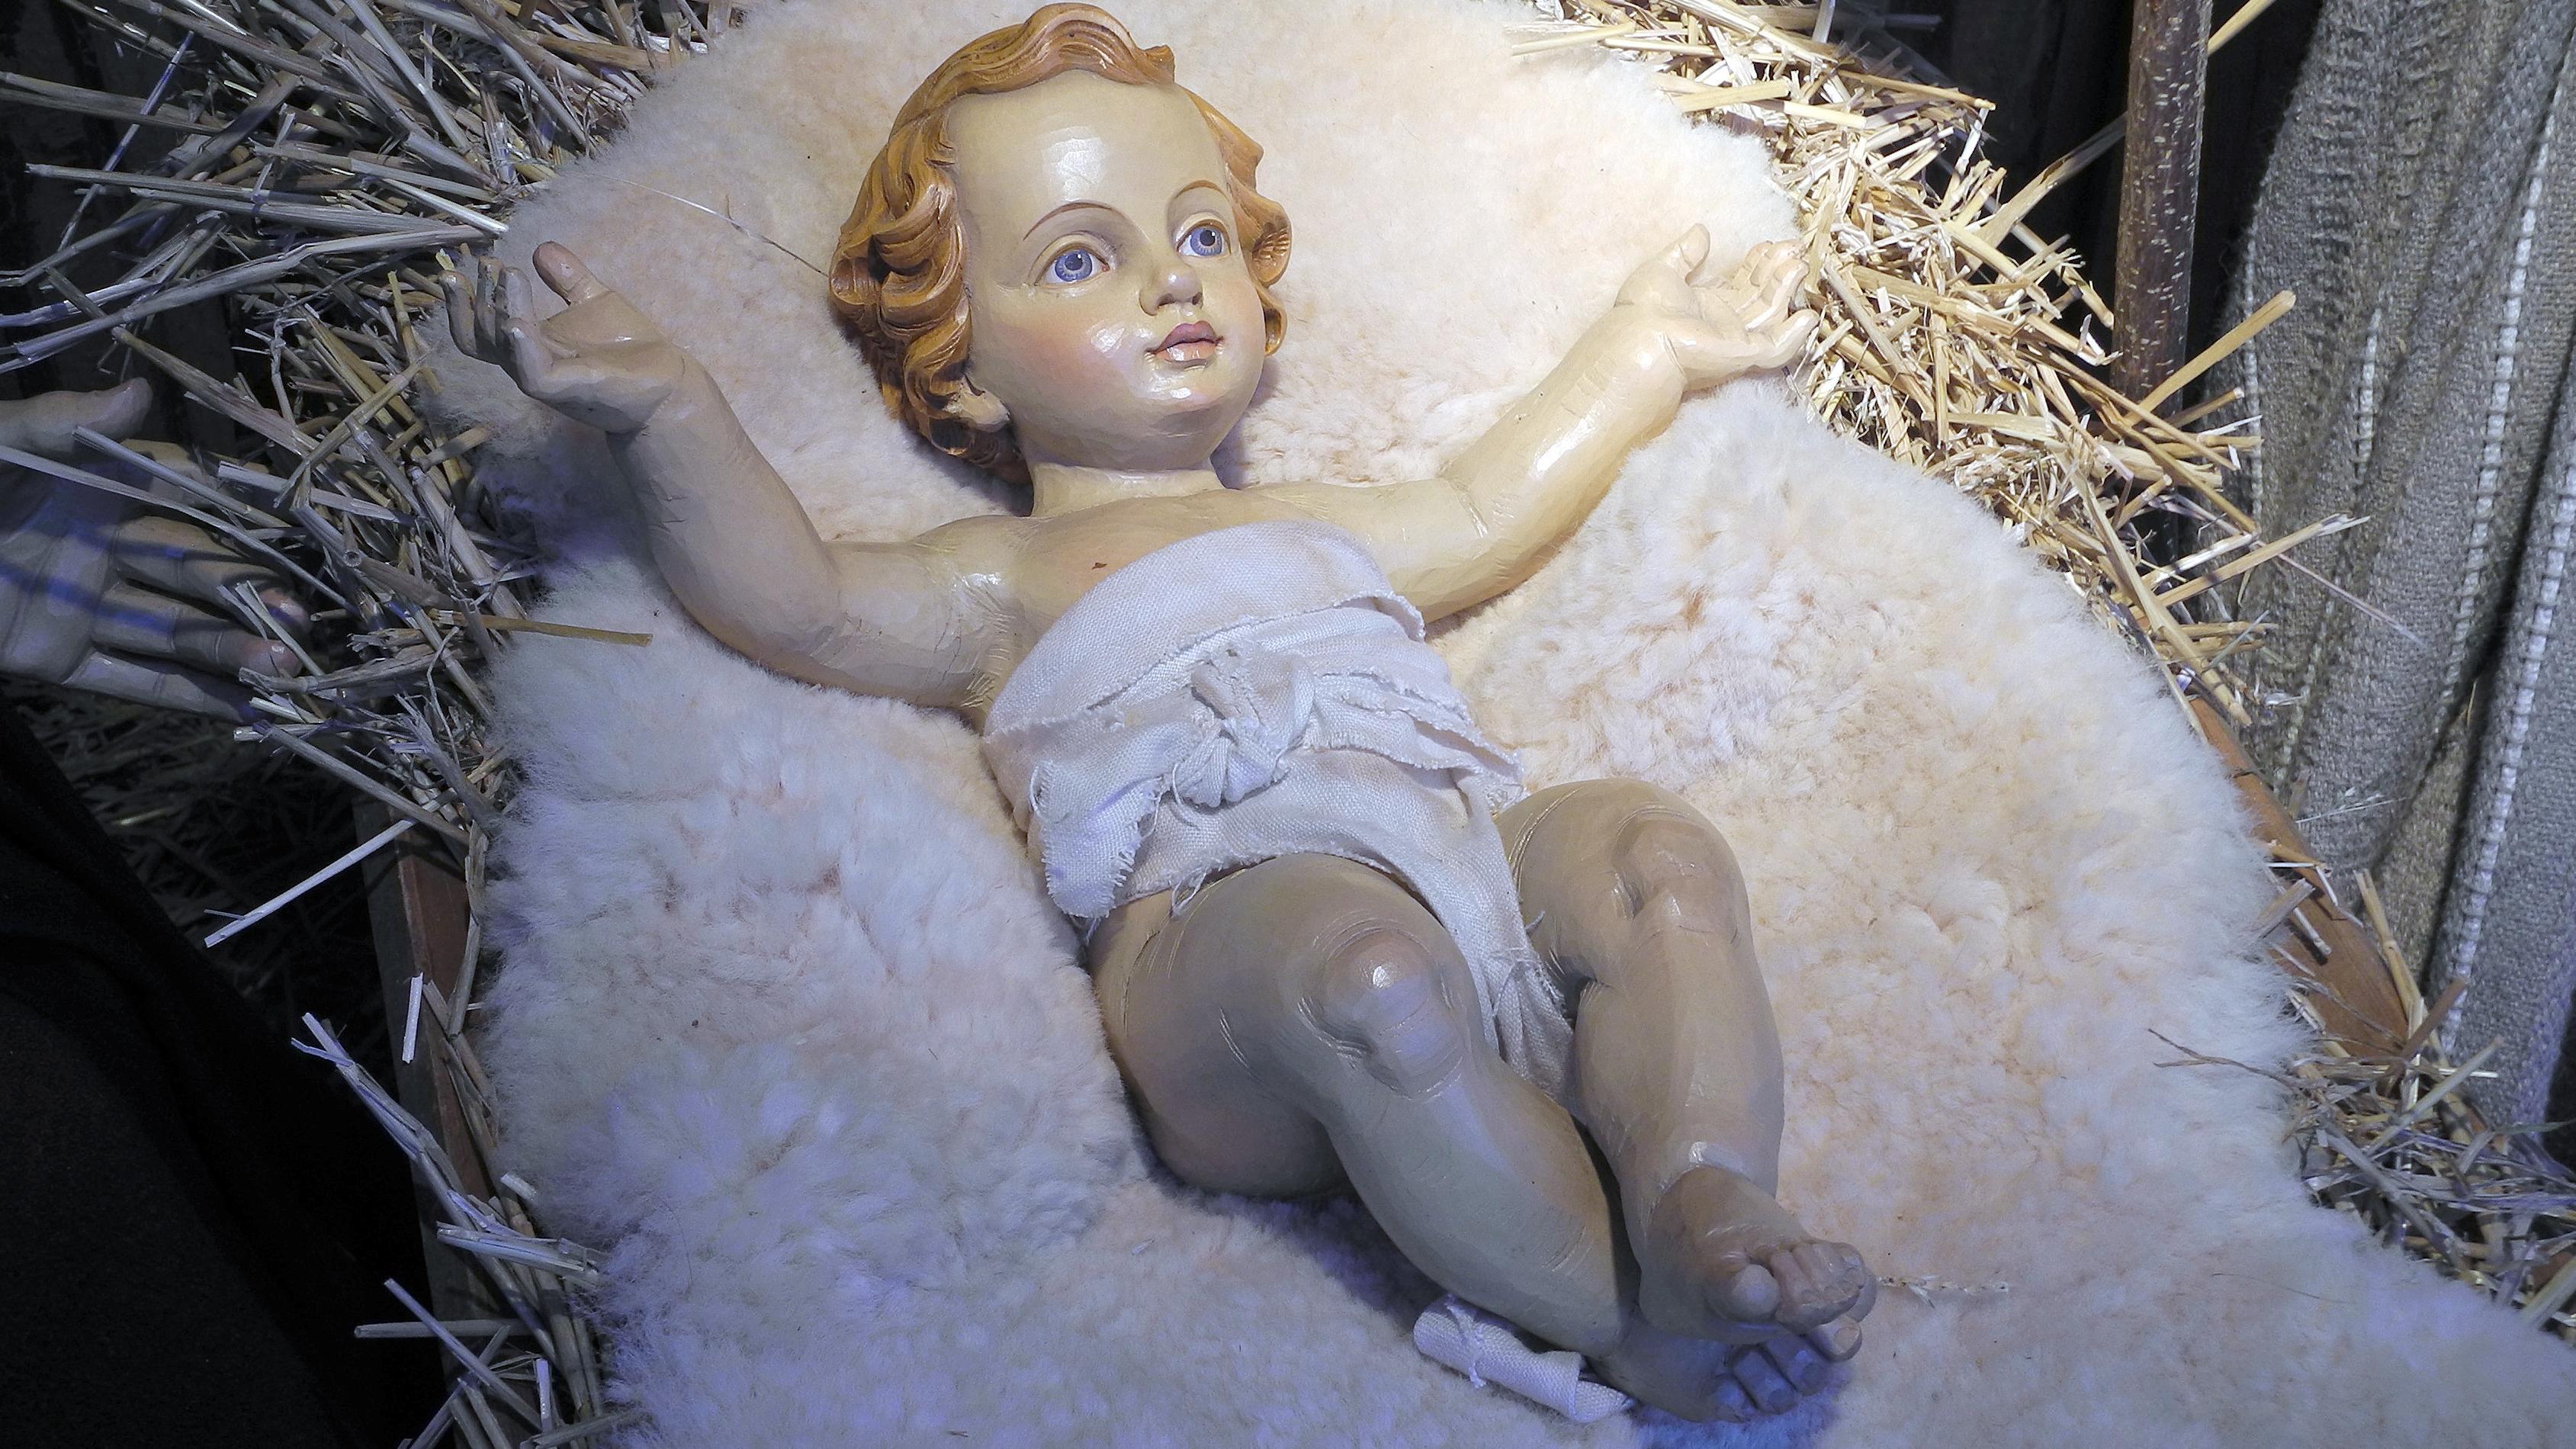 Christkind aus einer Weihnachtskrippe (Symbolbild)